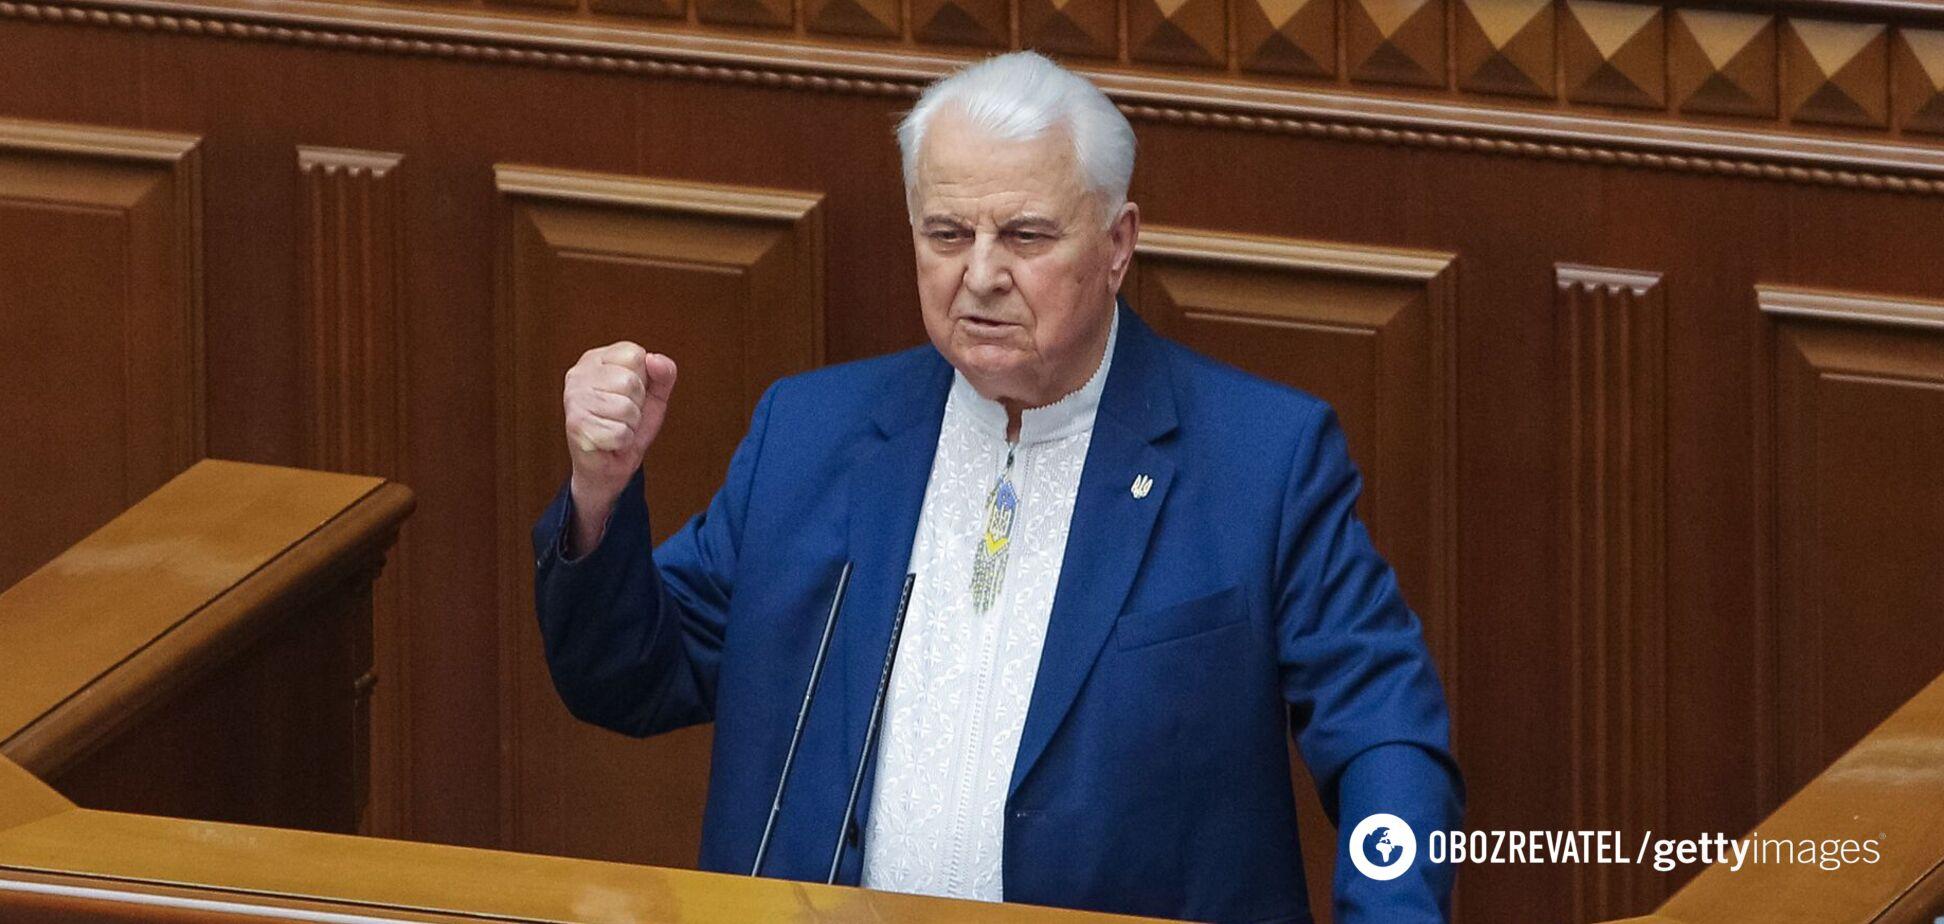 Кравчук визнав, що миротворча місія може призвести до 'заморозки' війни на Донбасі